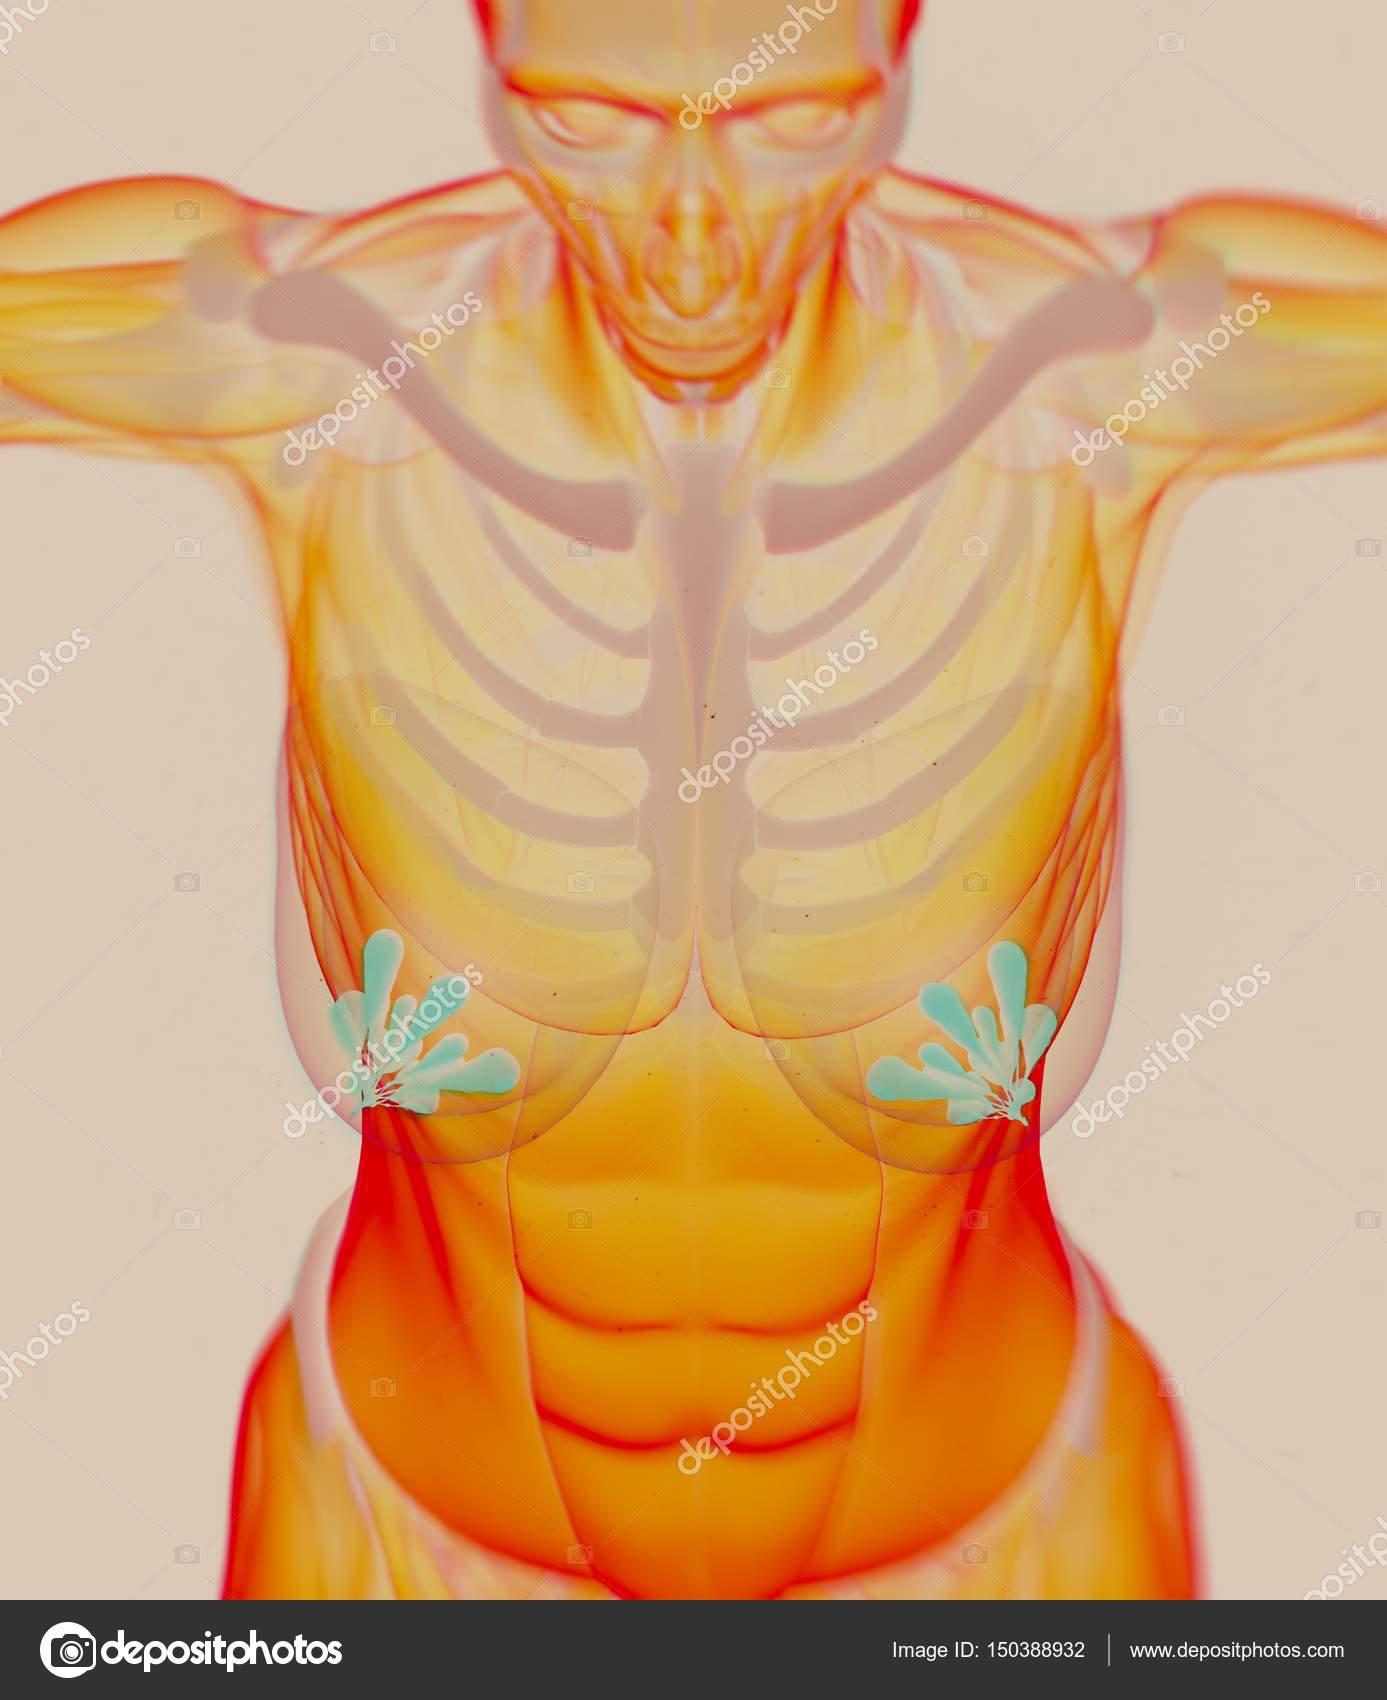 Weibliche Brust-Anatomie-Modell — Stockfoto © AnatomyInsider #150388932